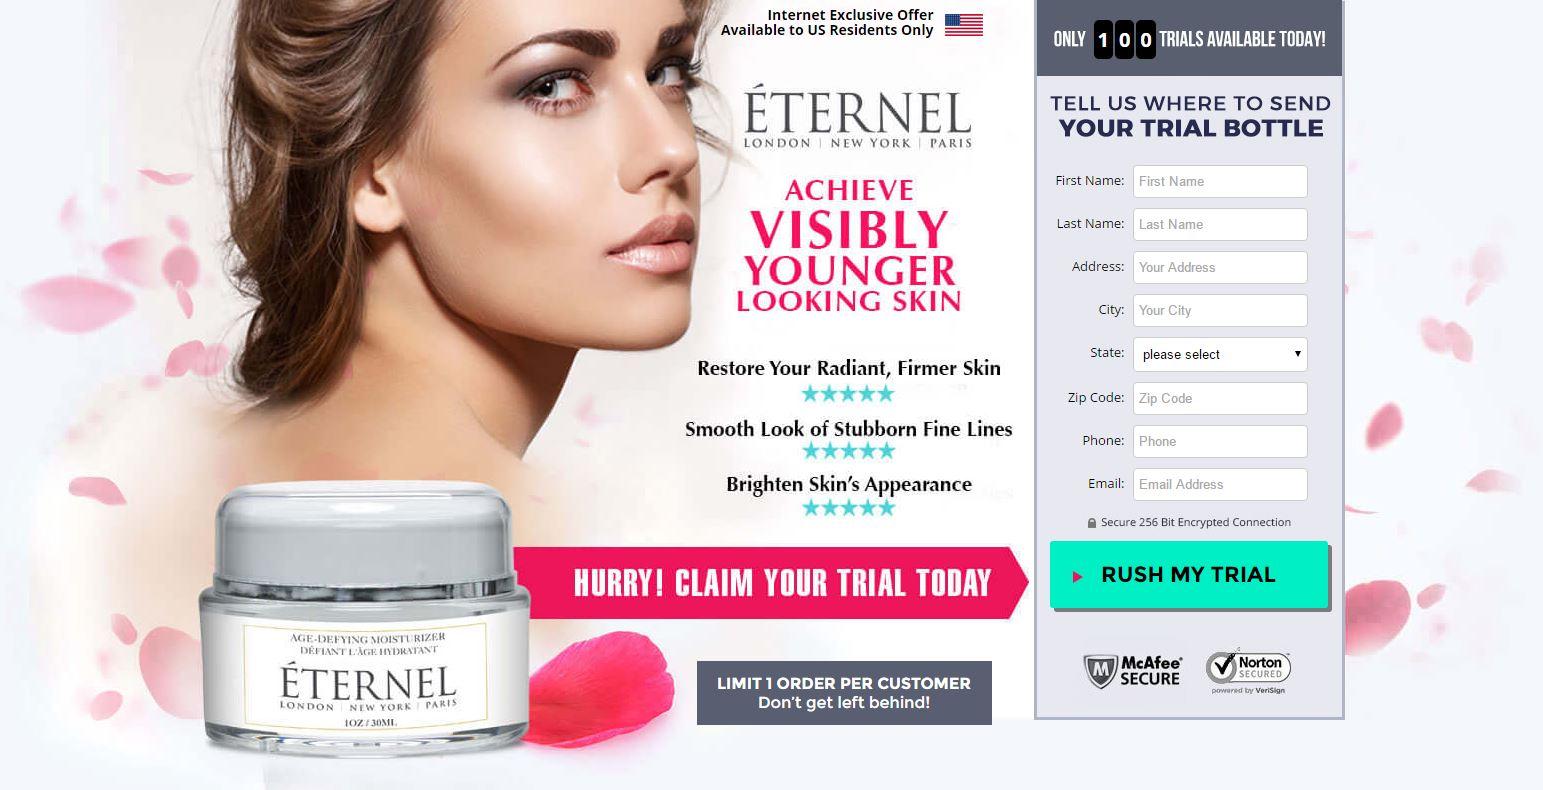 Eternel Anti Aging Cream Offer